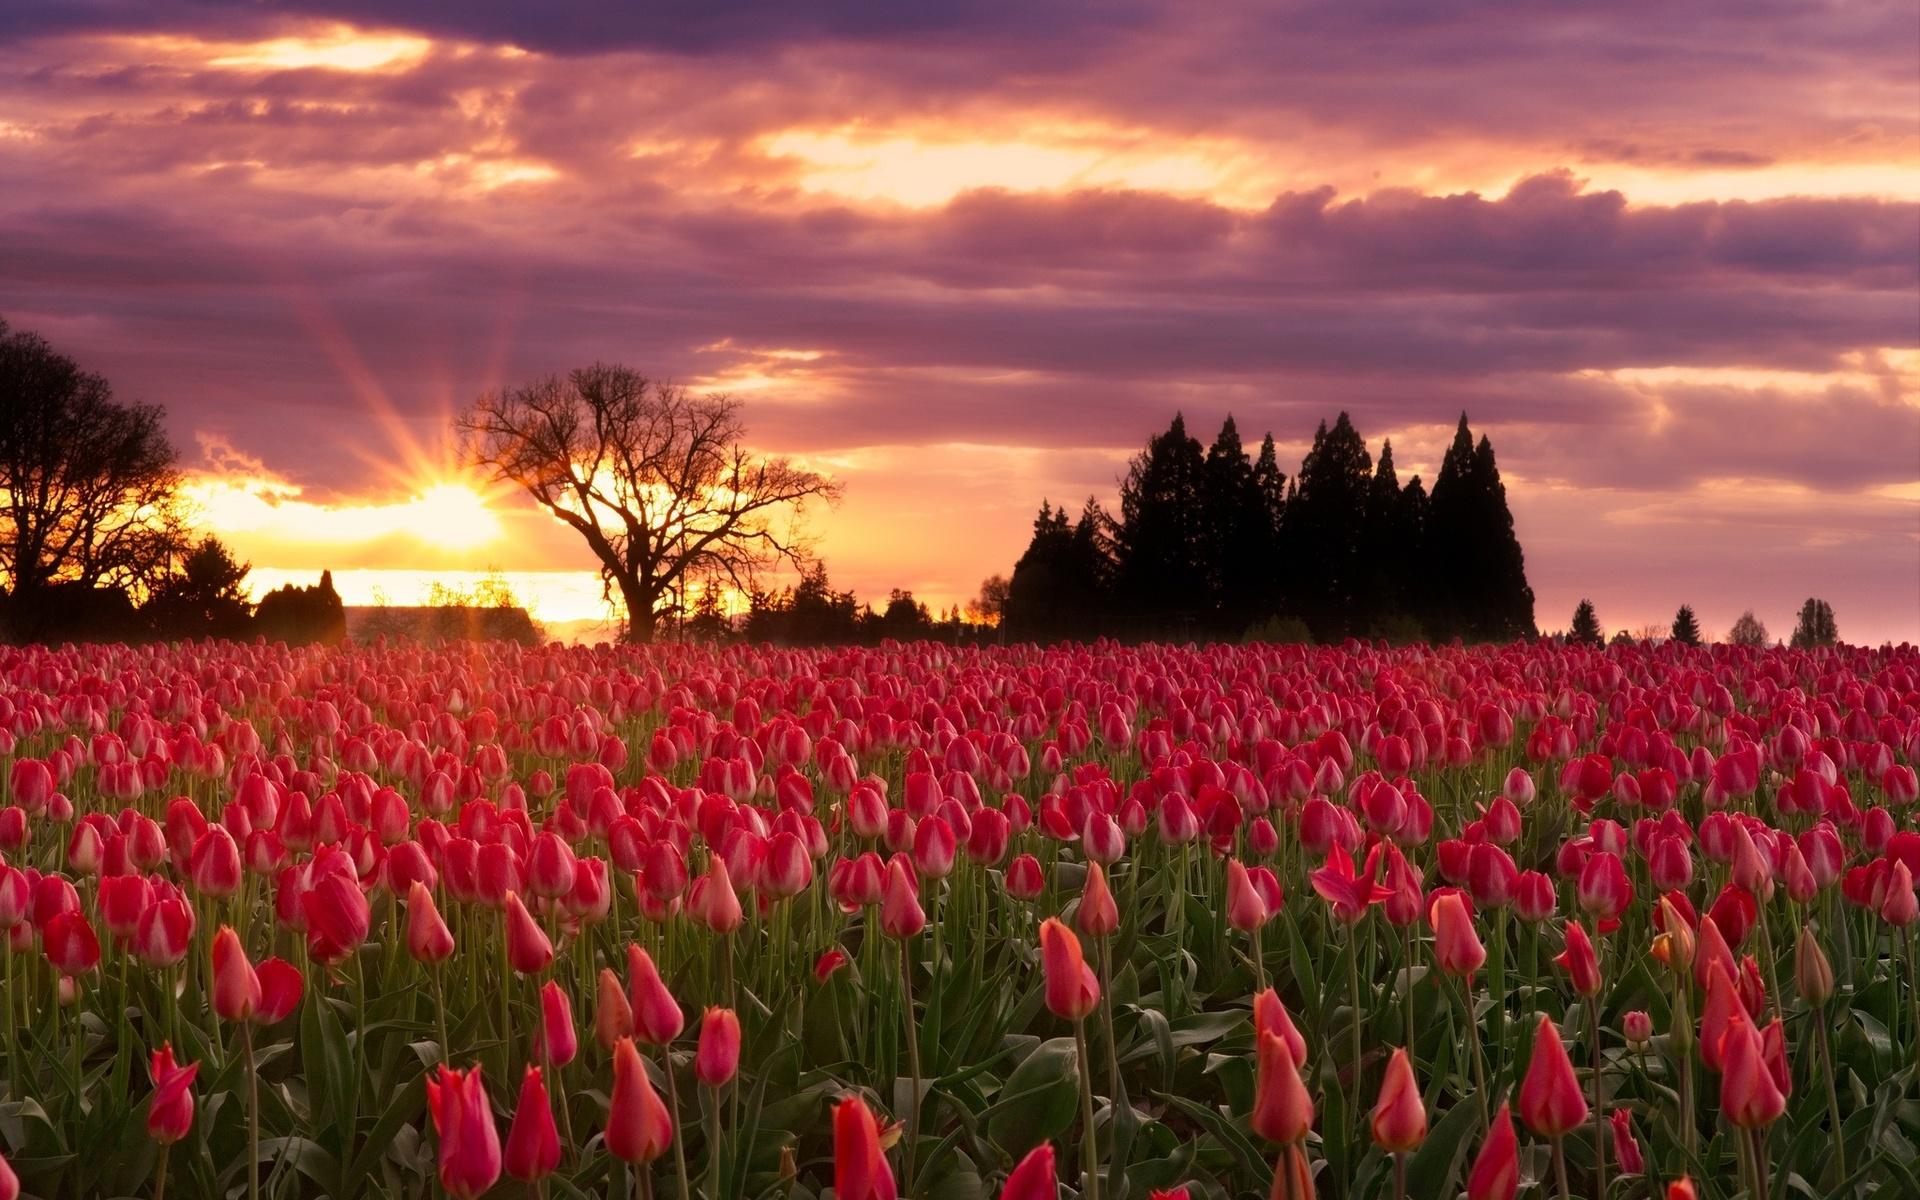 природа, весна, пейзаж, деревья, поле, цветы, тюльпаны, закат, солнце, лучи